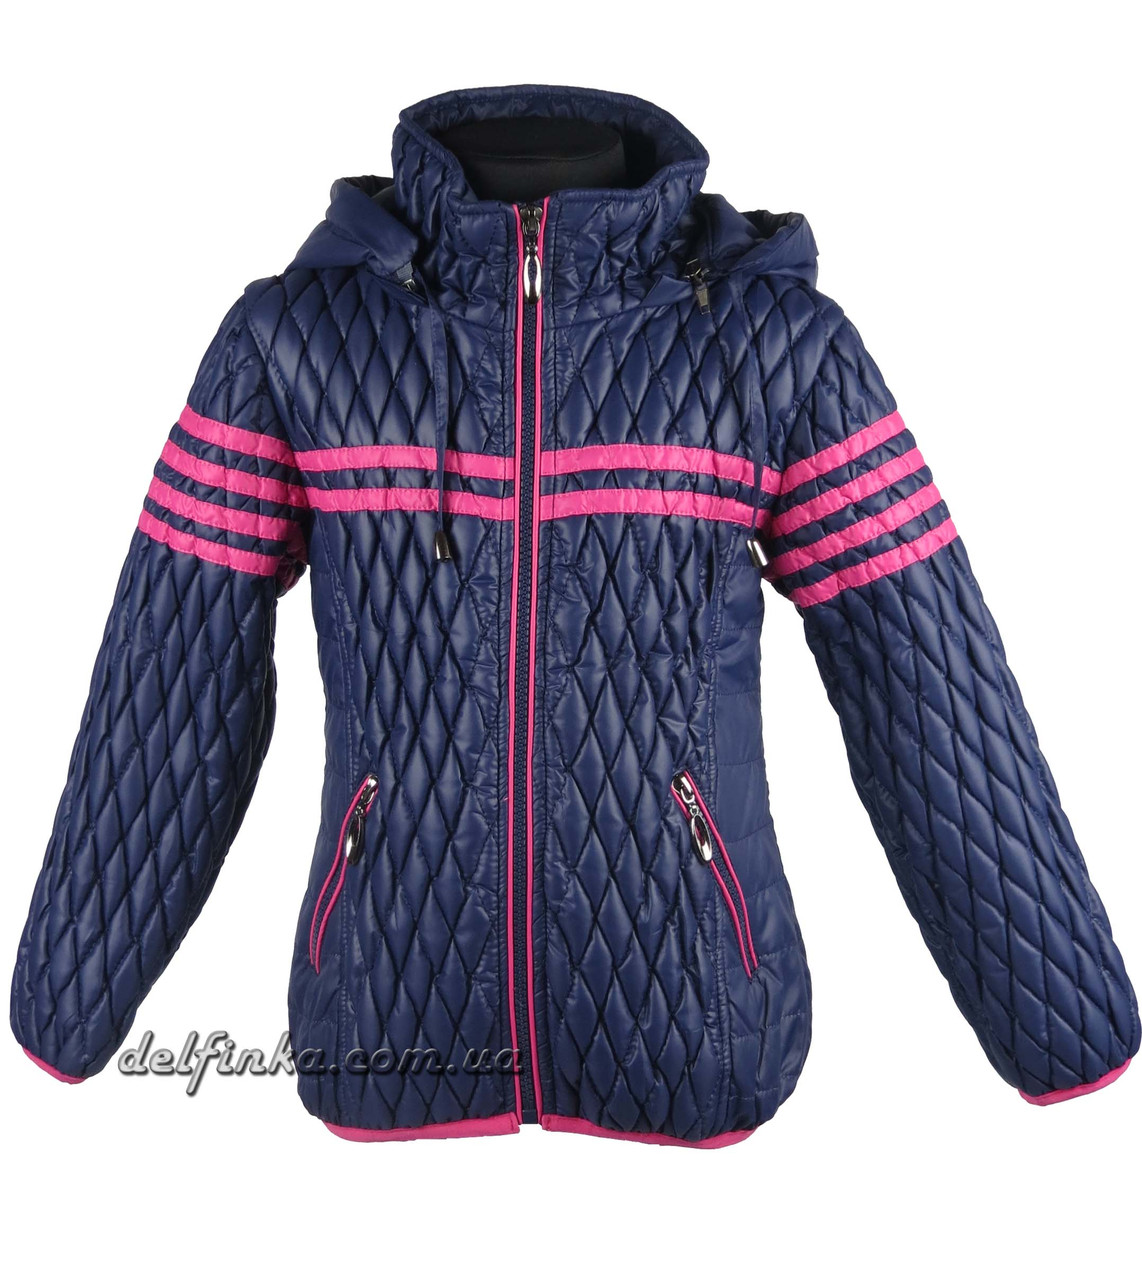 Куртка для девочек  демисизонная 5-10 лет цвет синий, фото 2